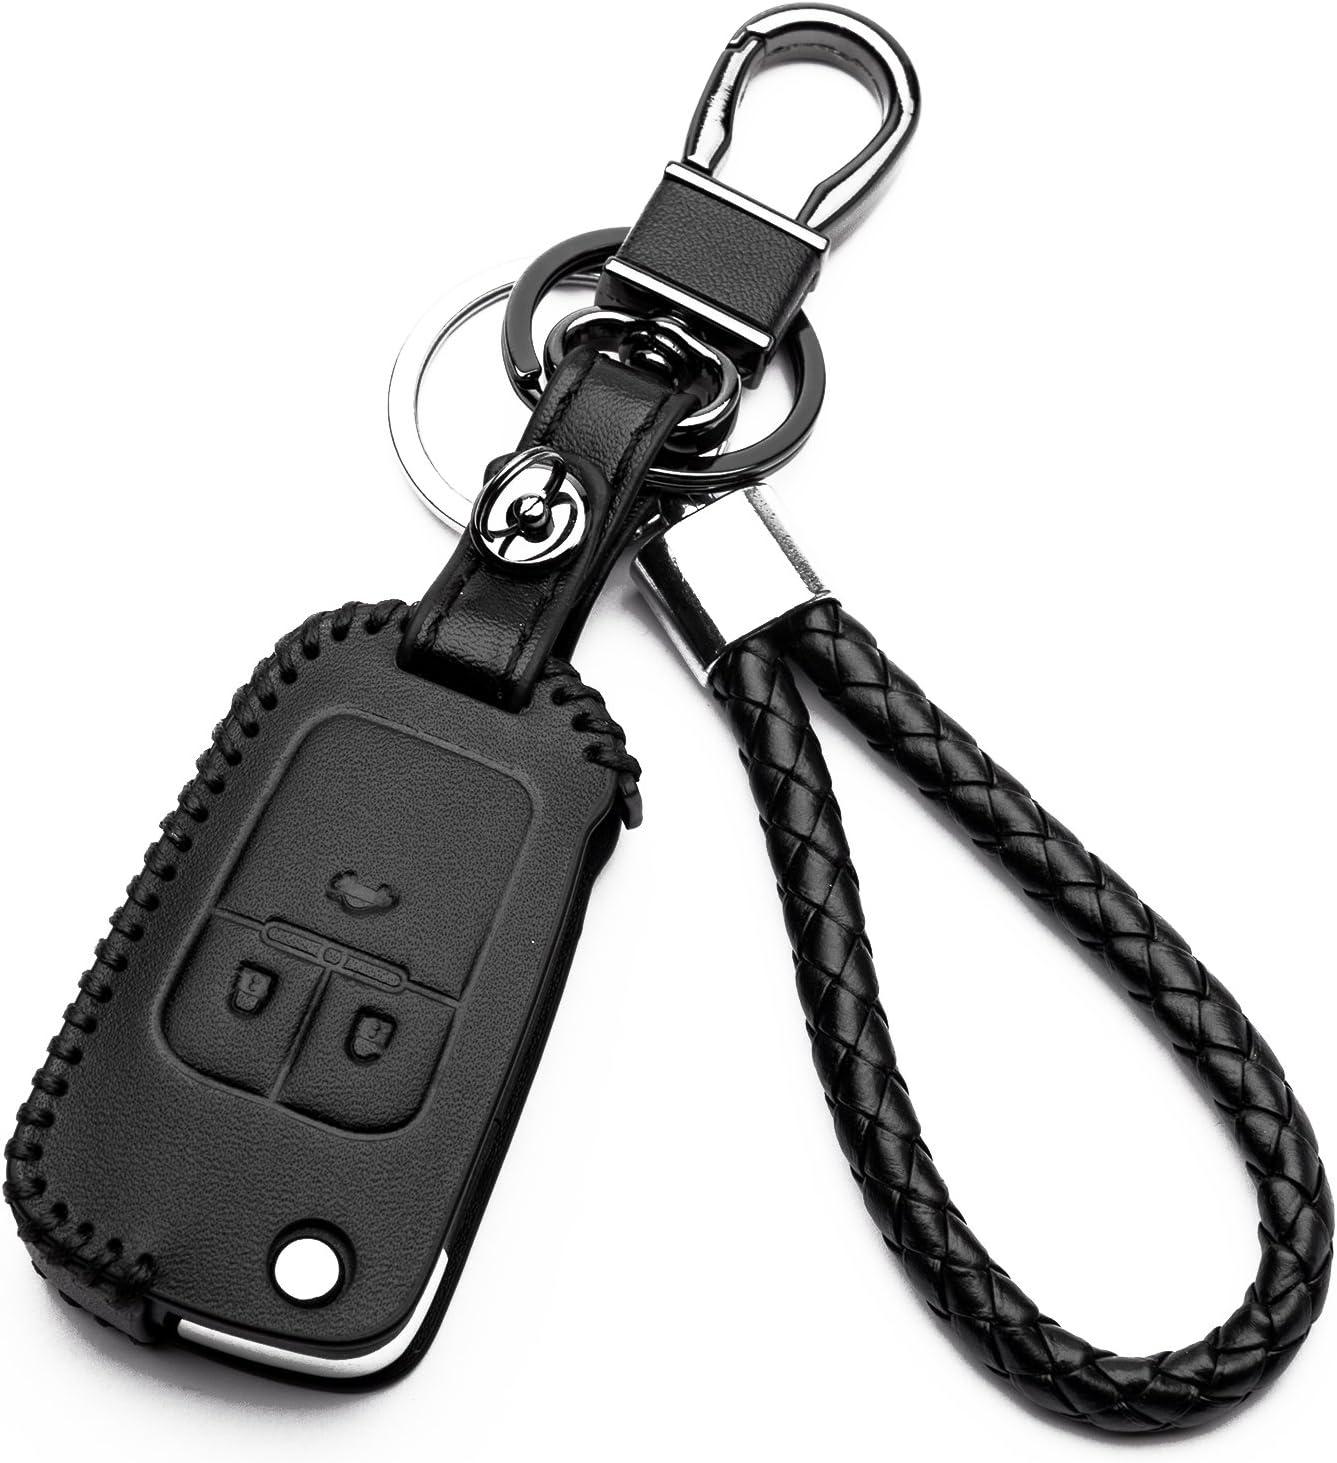 Hülle Autoschlüssel Für Opel Kunstleder Schutzhülle Elektronik